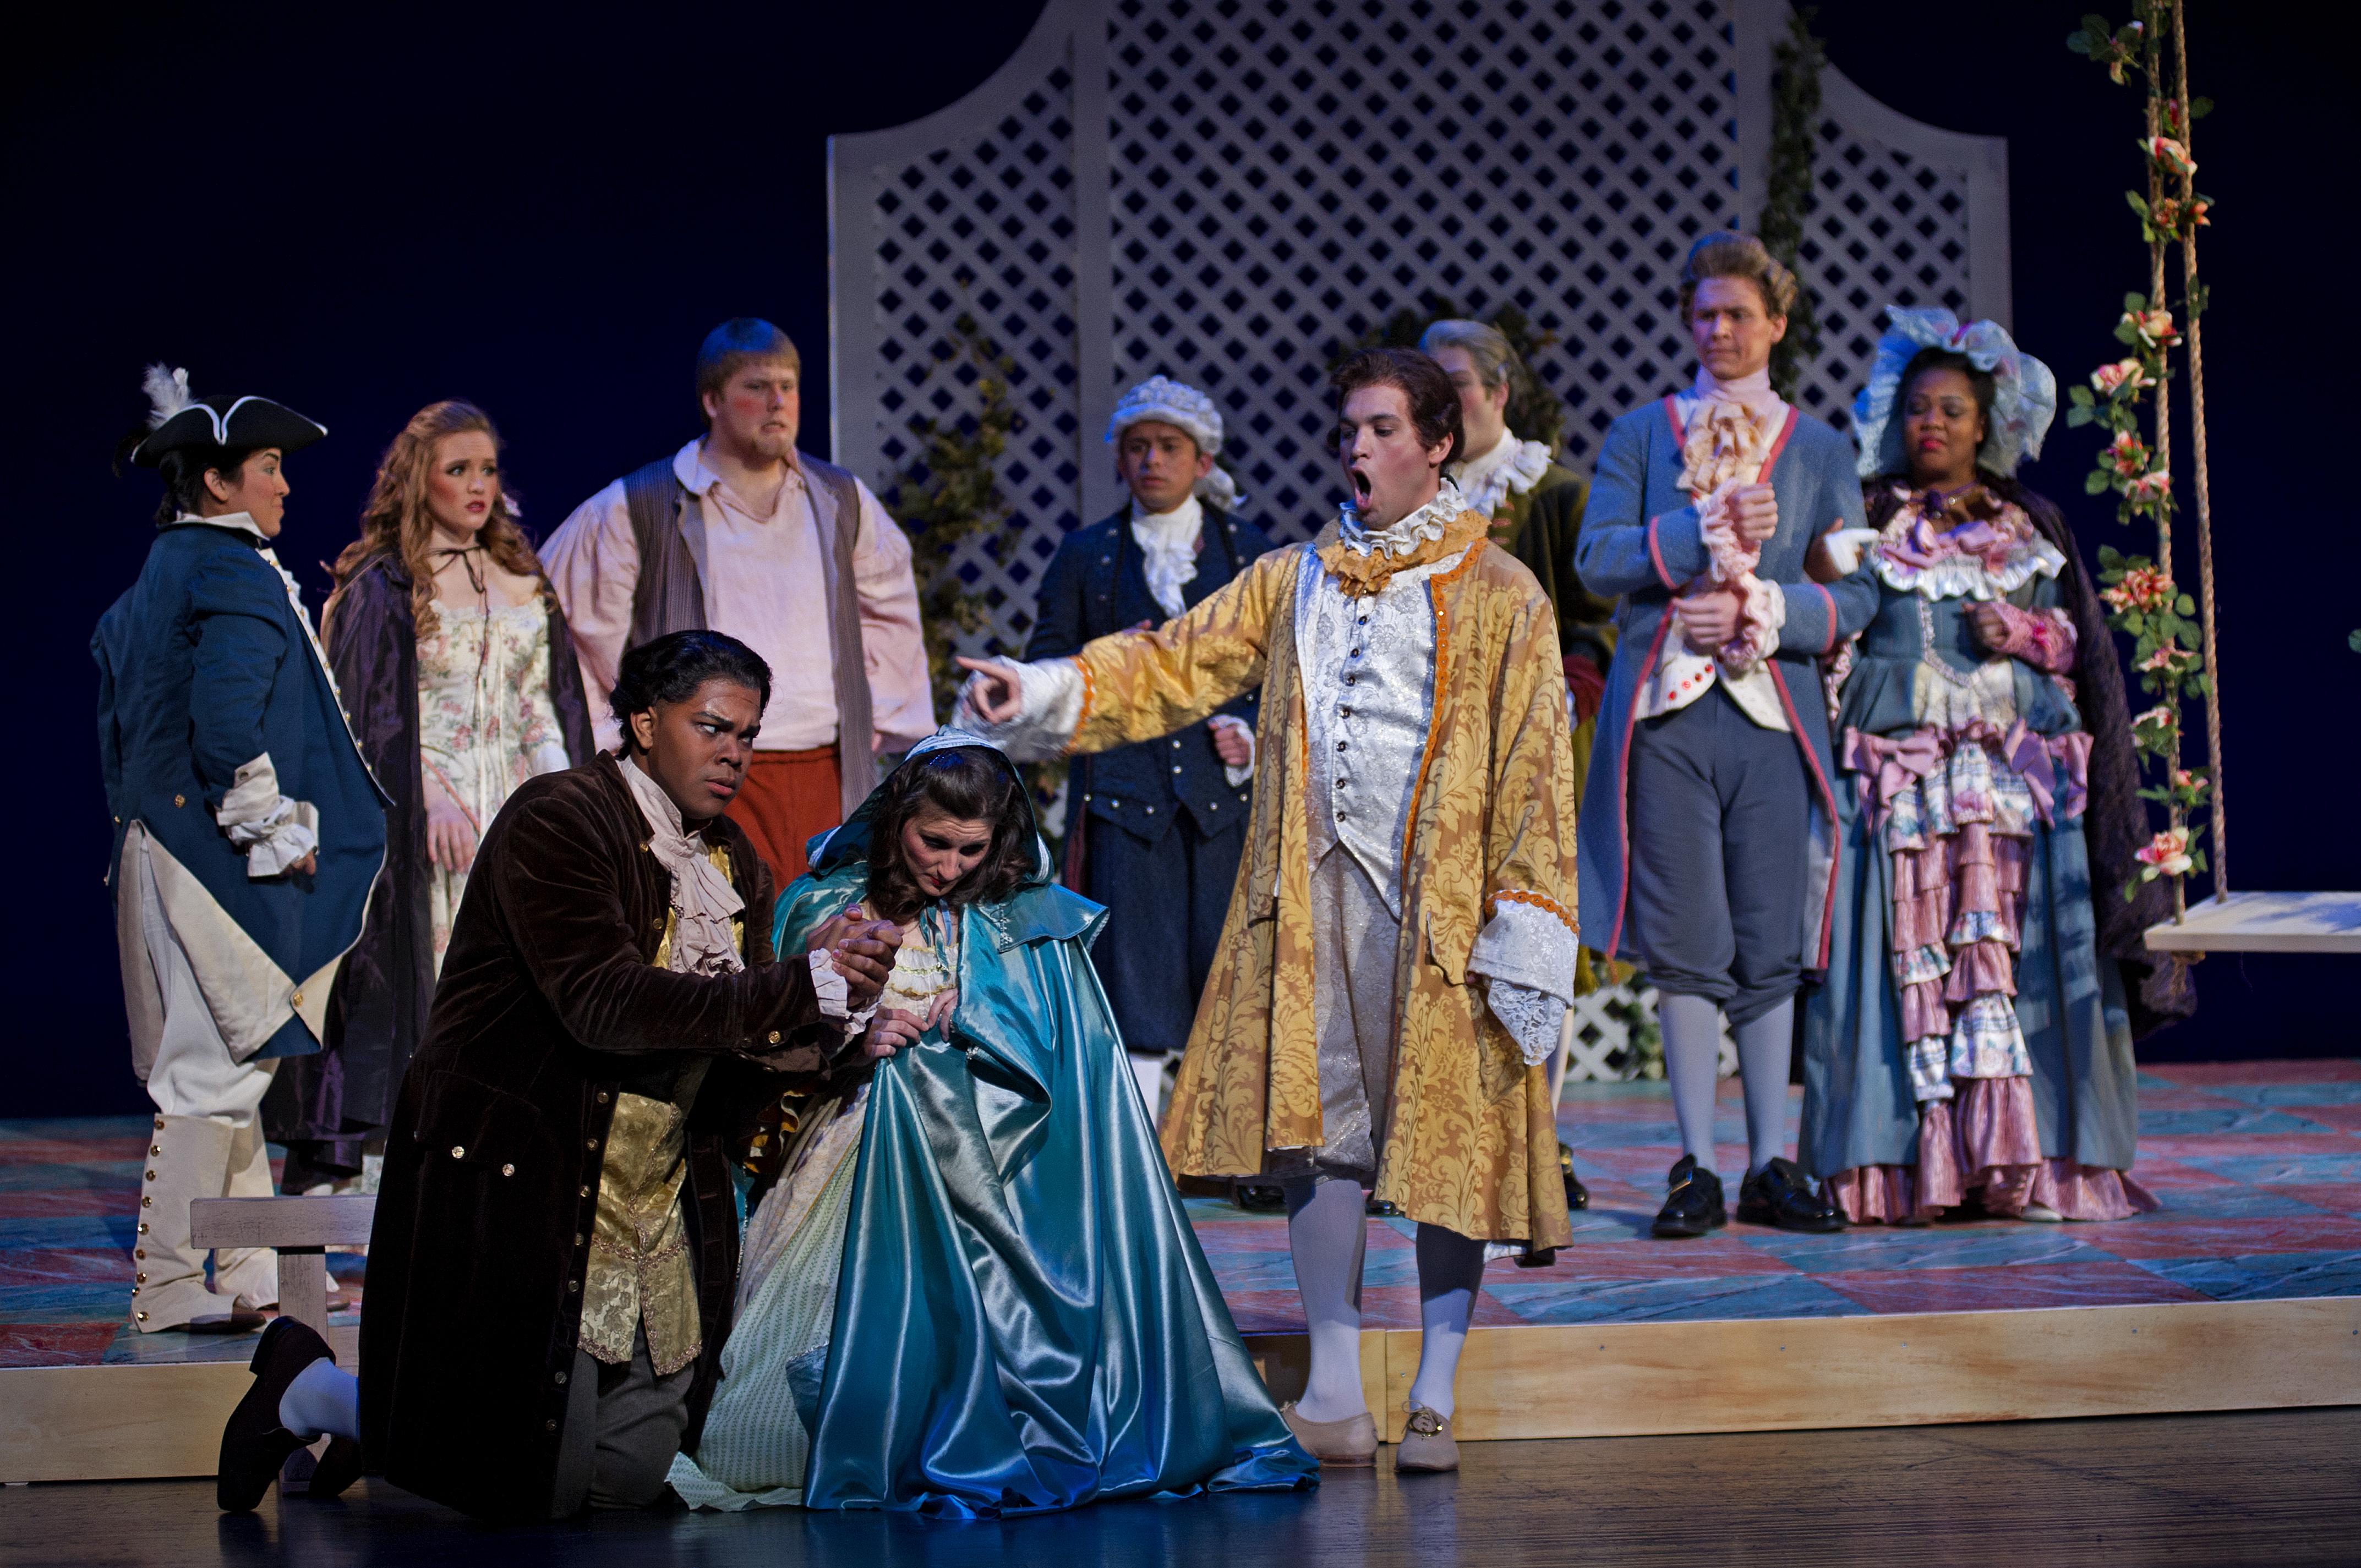 Le Nozze di Figaro - Mozart